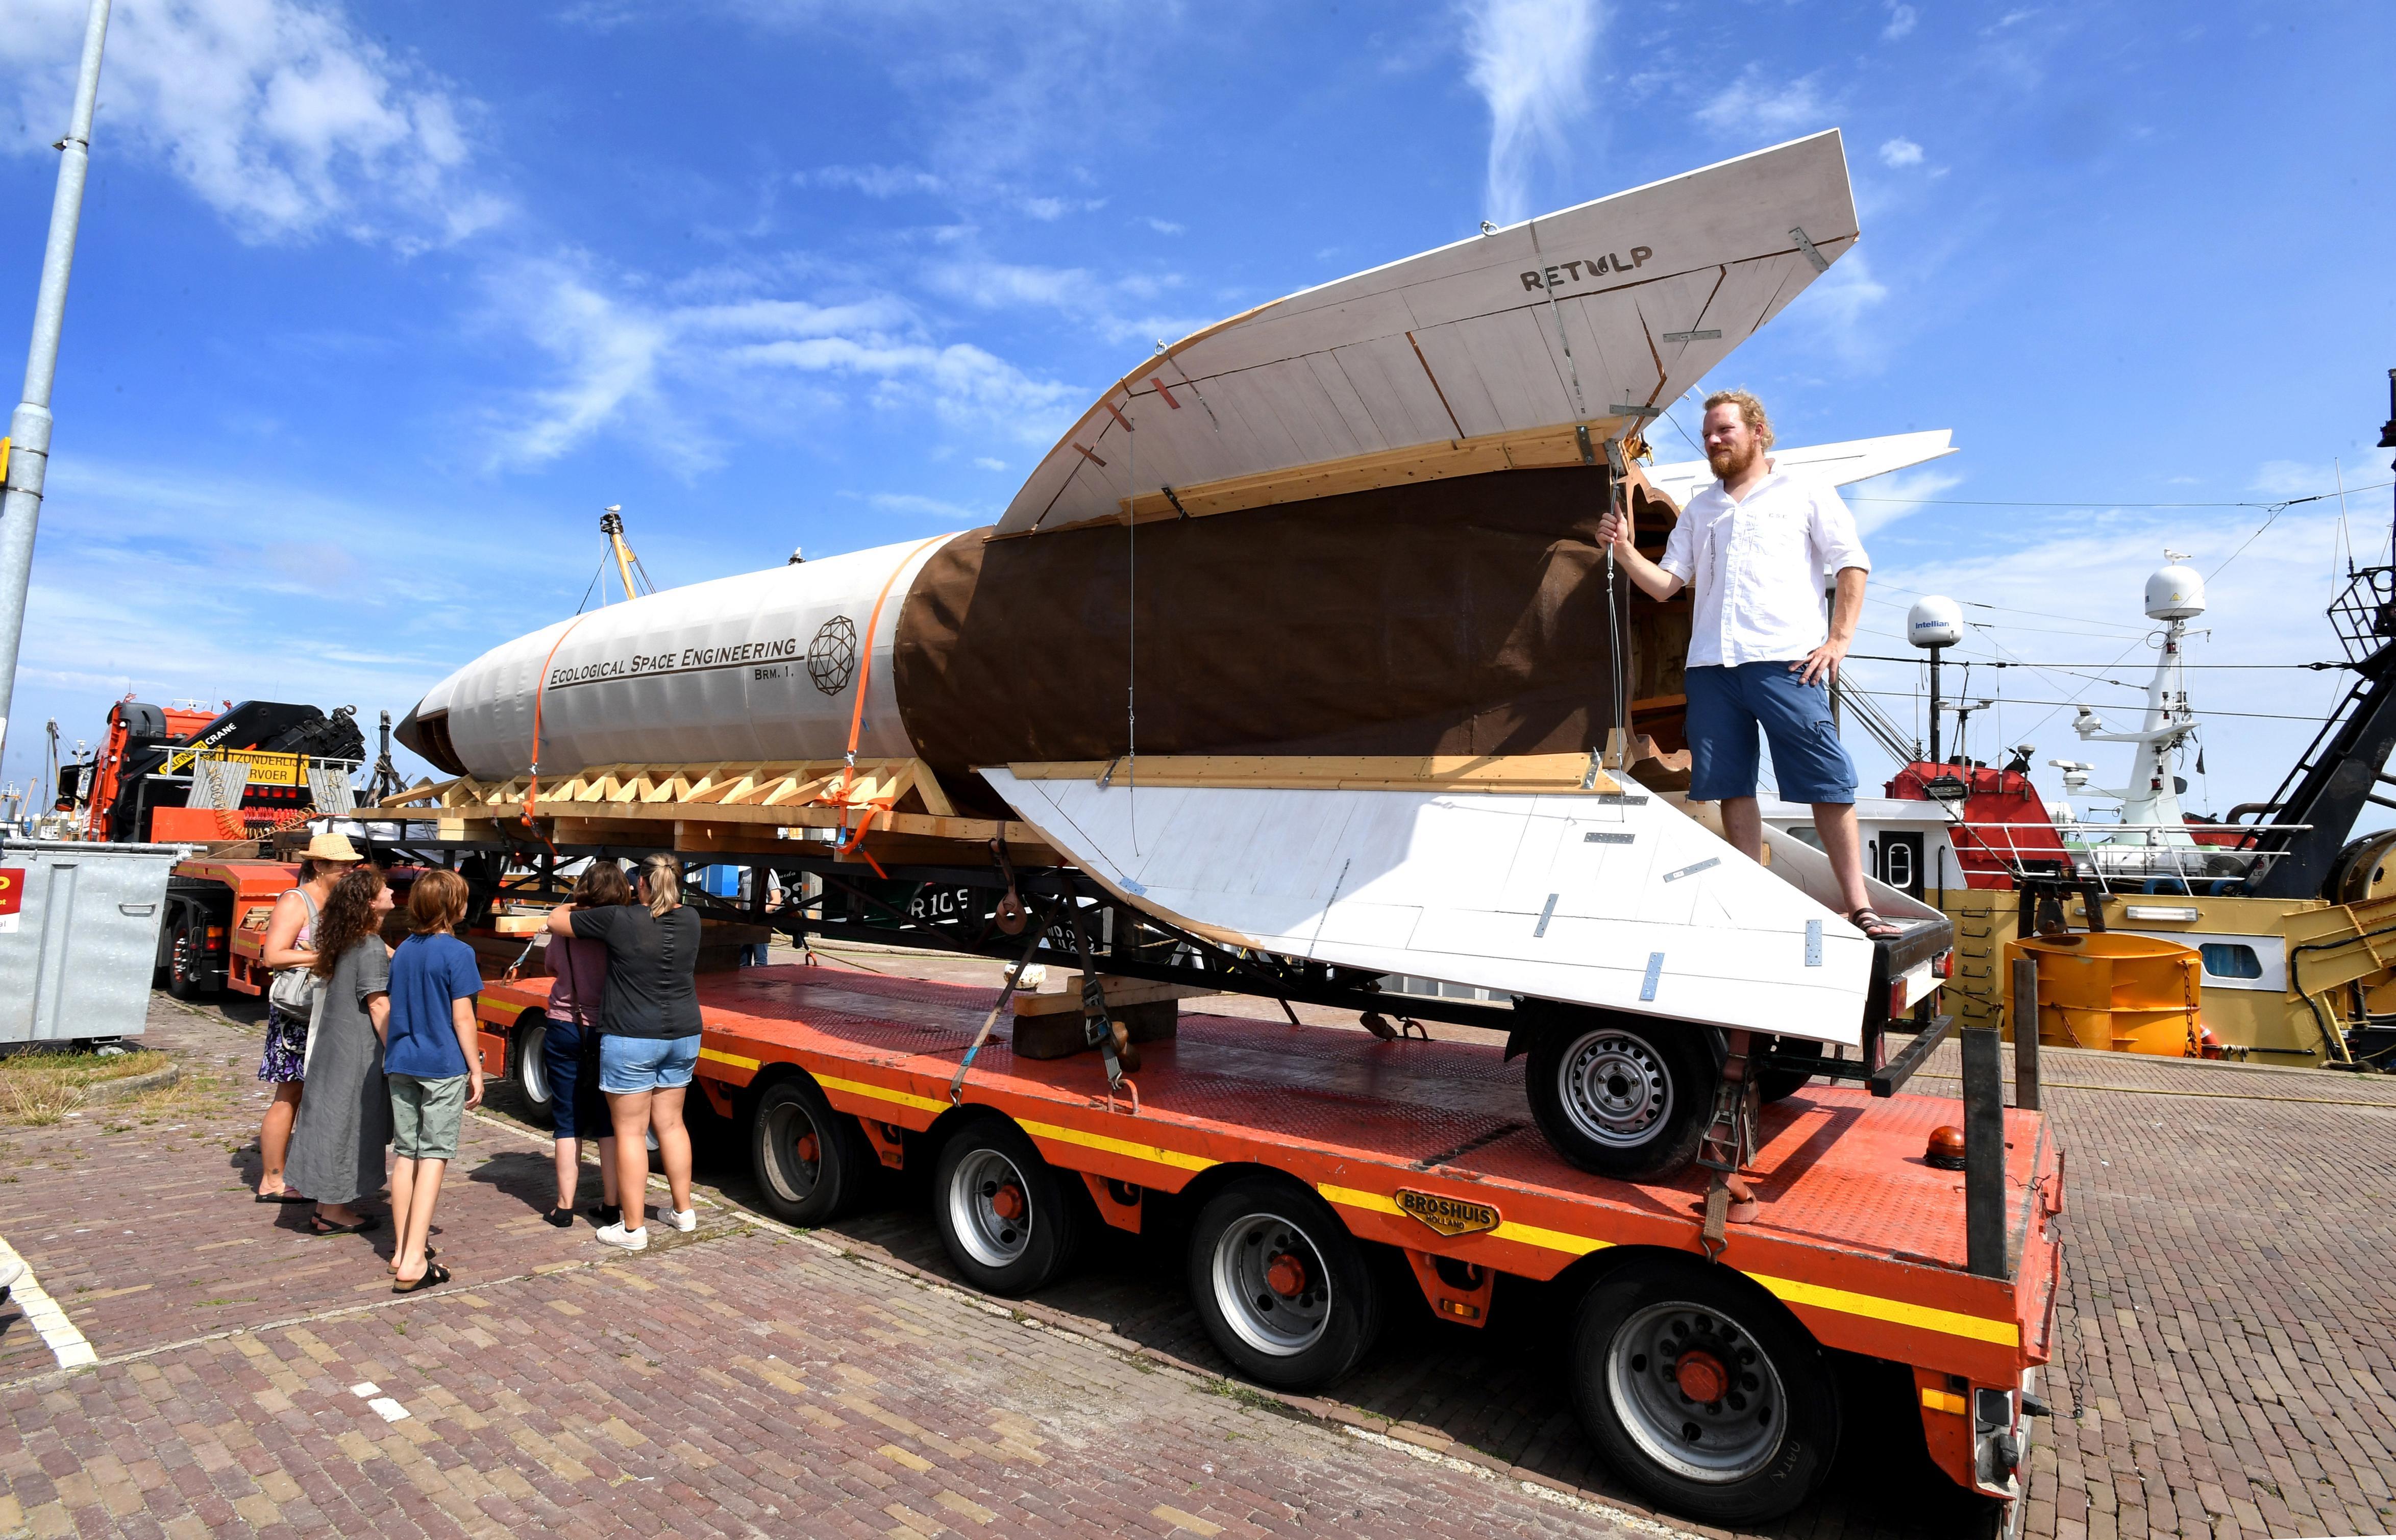 Een enorme raket vol met zaden duikt op in de haven van Den Oever